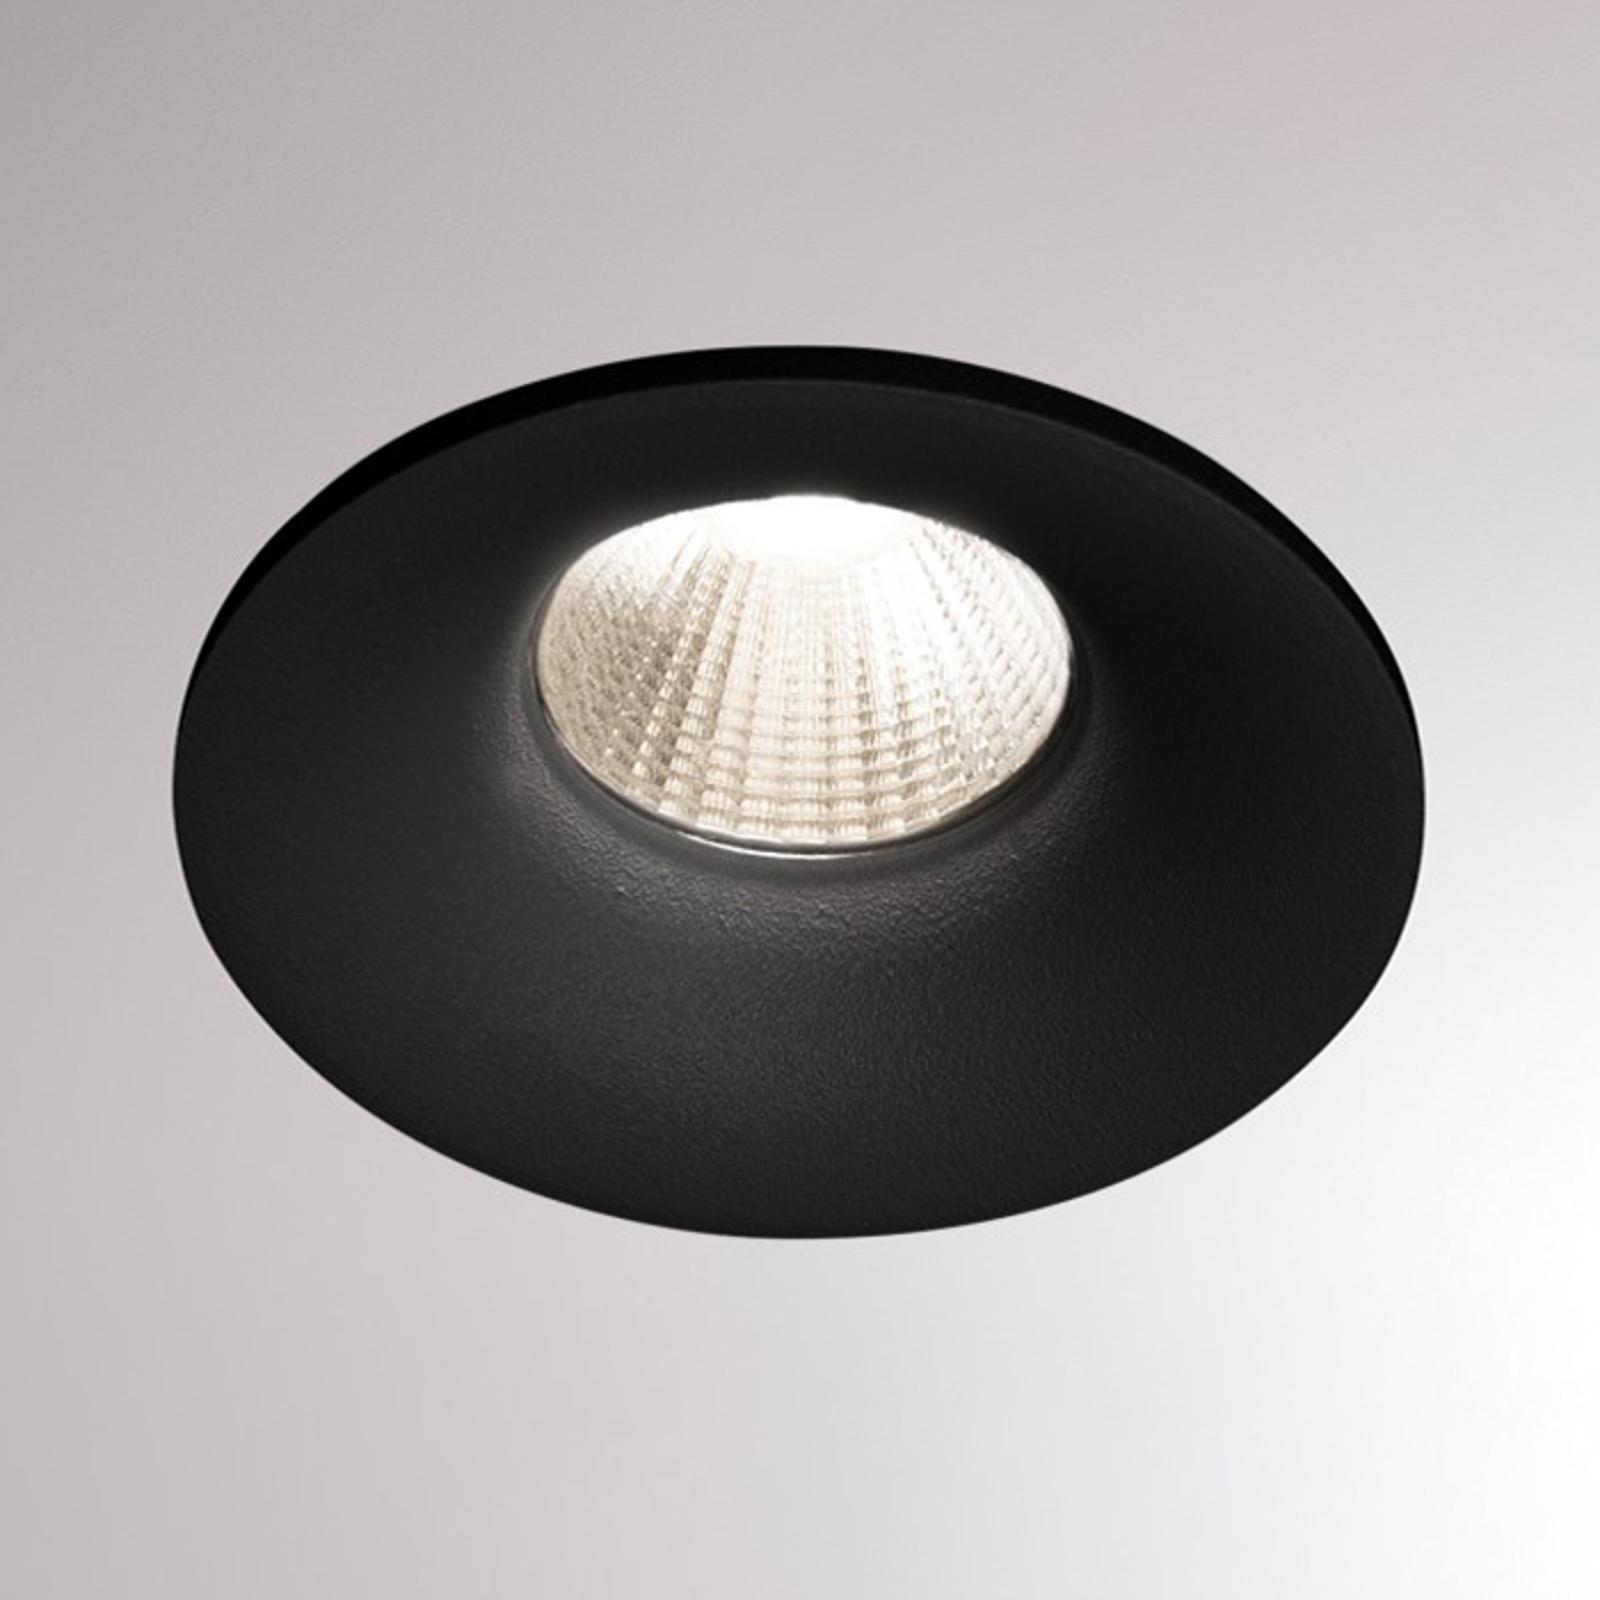 LED inbouwspot Ivy Round 7W 3.000K 40° zwart